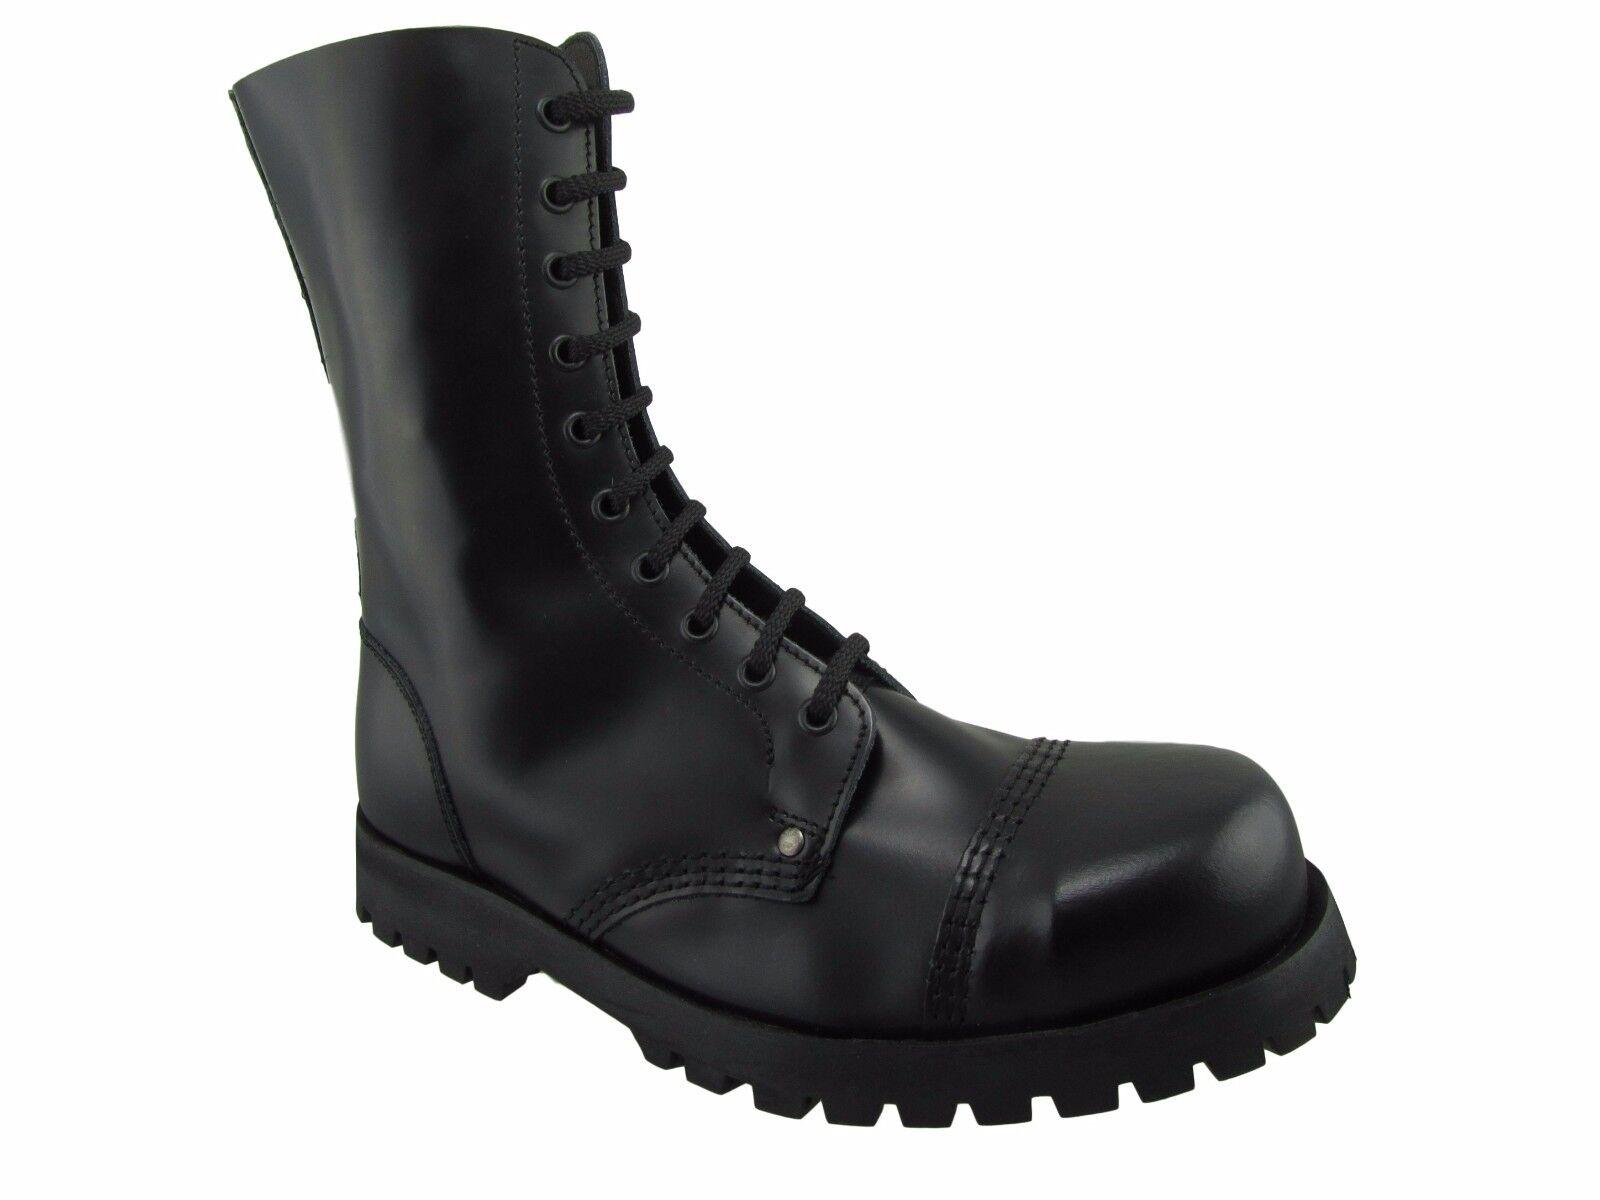 Steel Ground Combat Stiefel schwarz Leder 10 Eyelet Box Safety Under Cap Punk